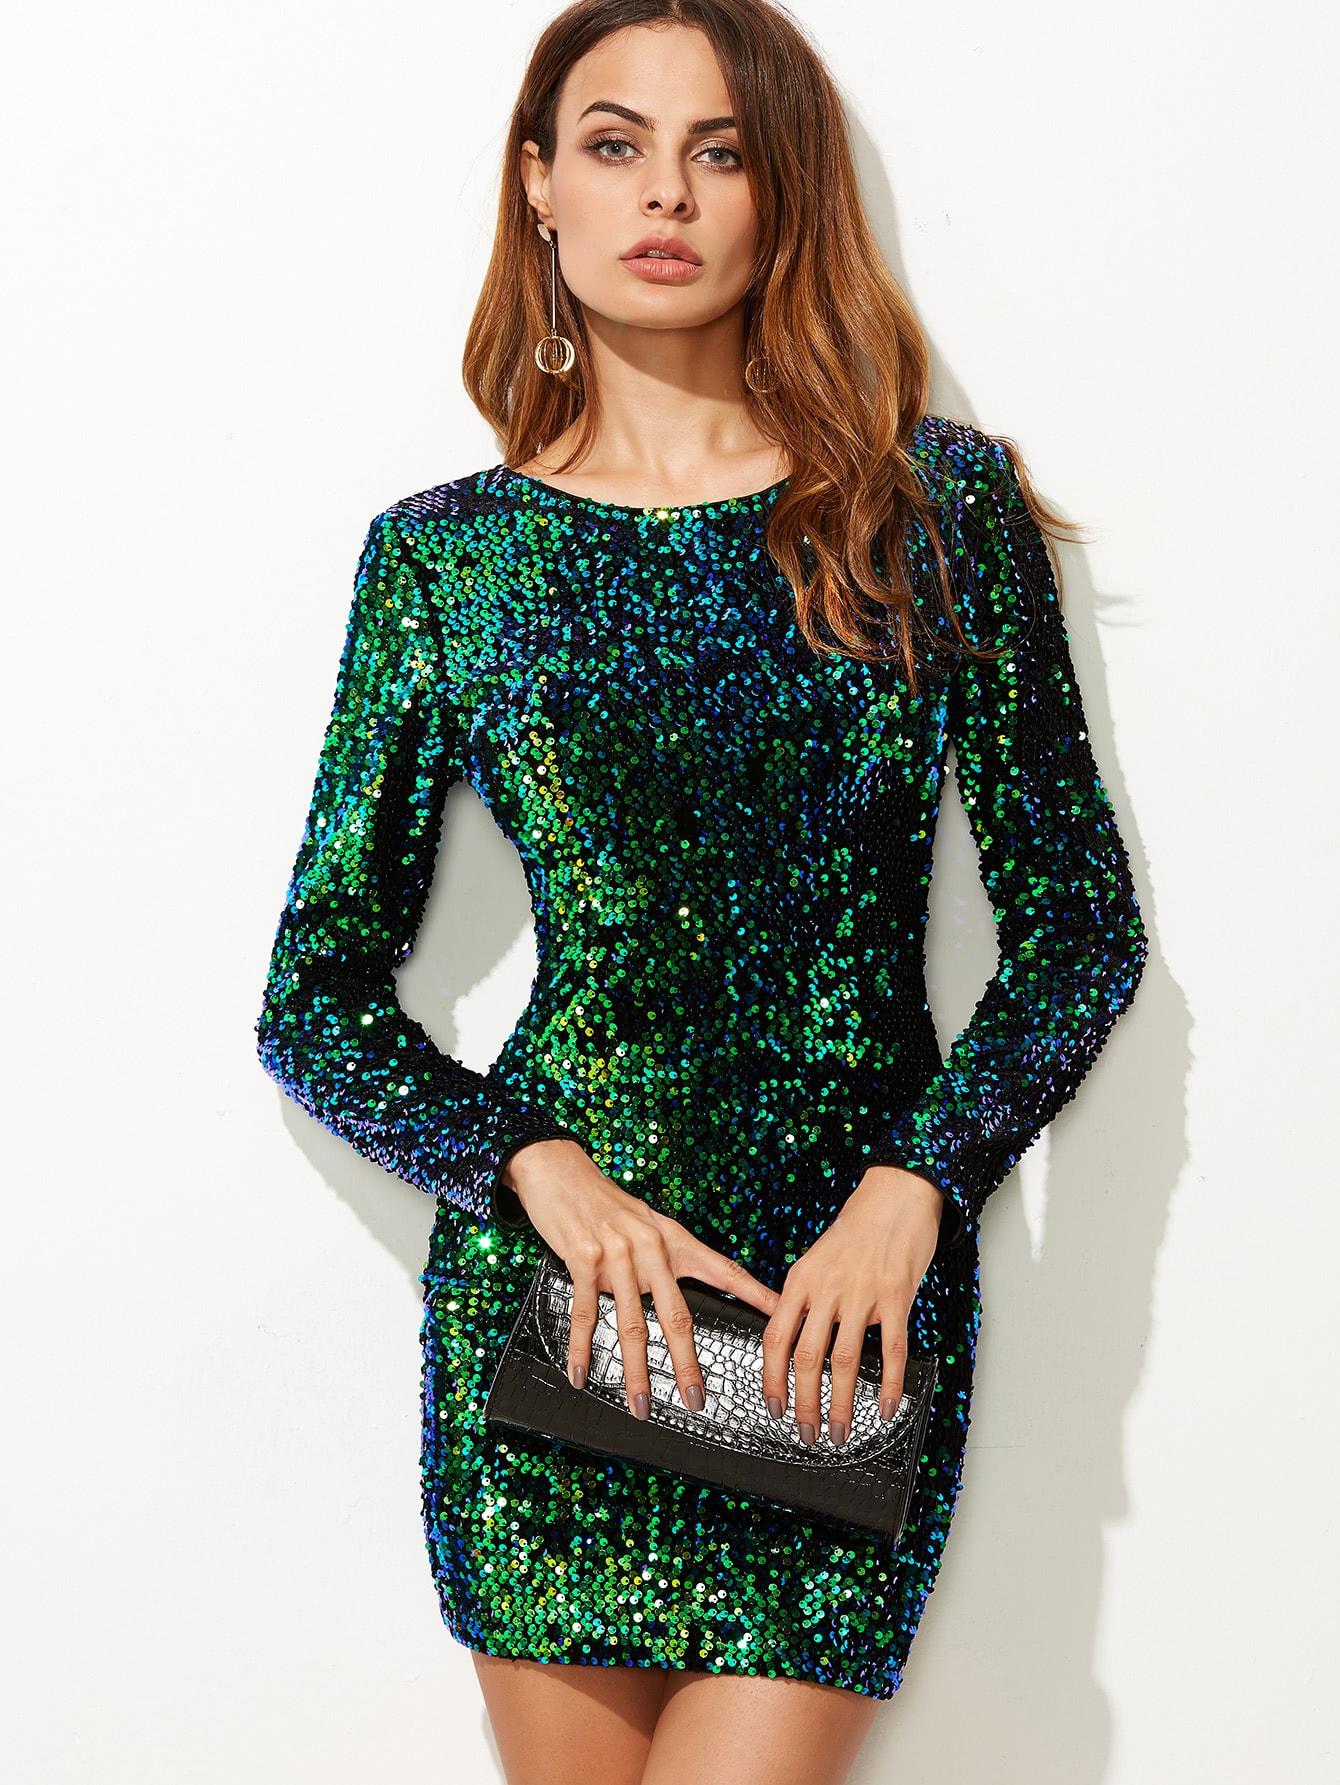 Green Iridescent Long Sleeve Sequin Bodycon Dress -SheIn(Sheinside)